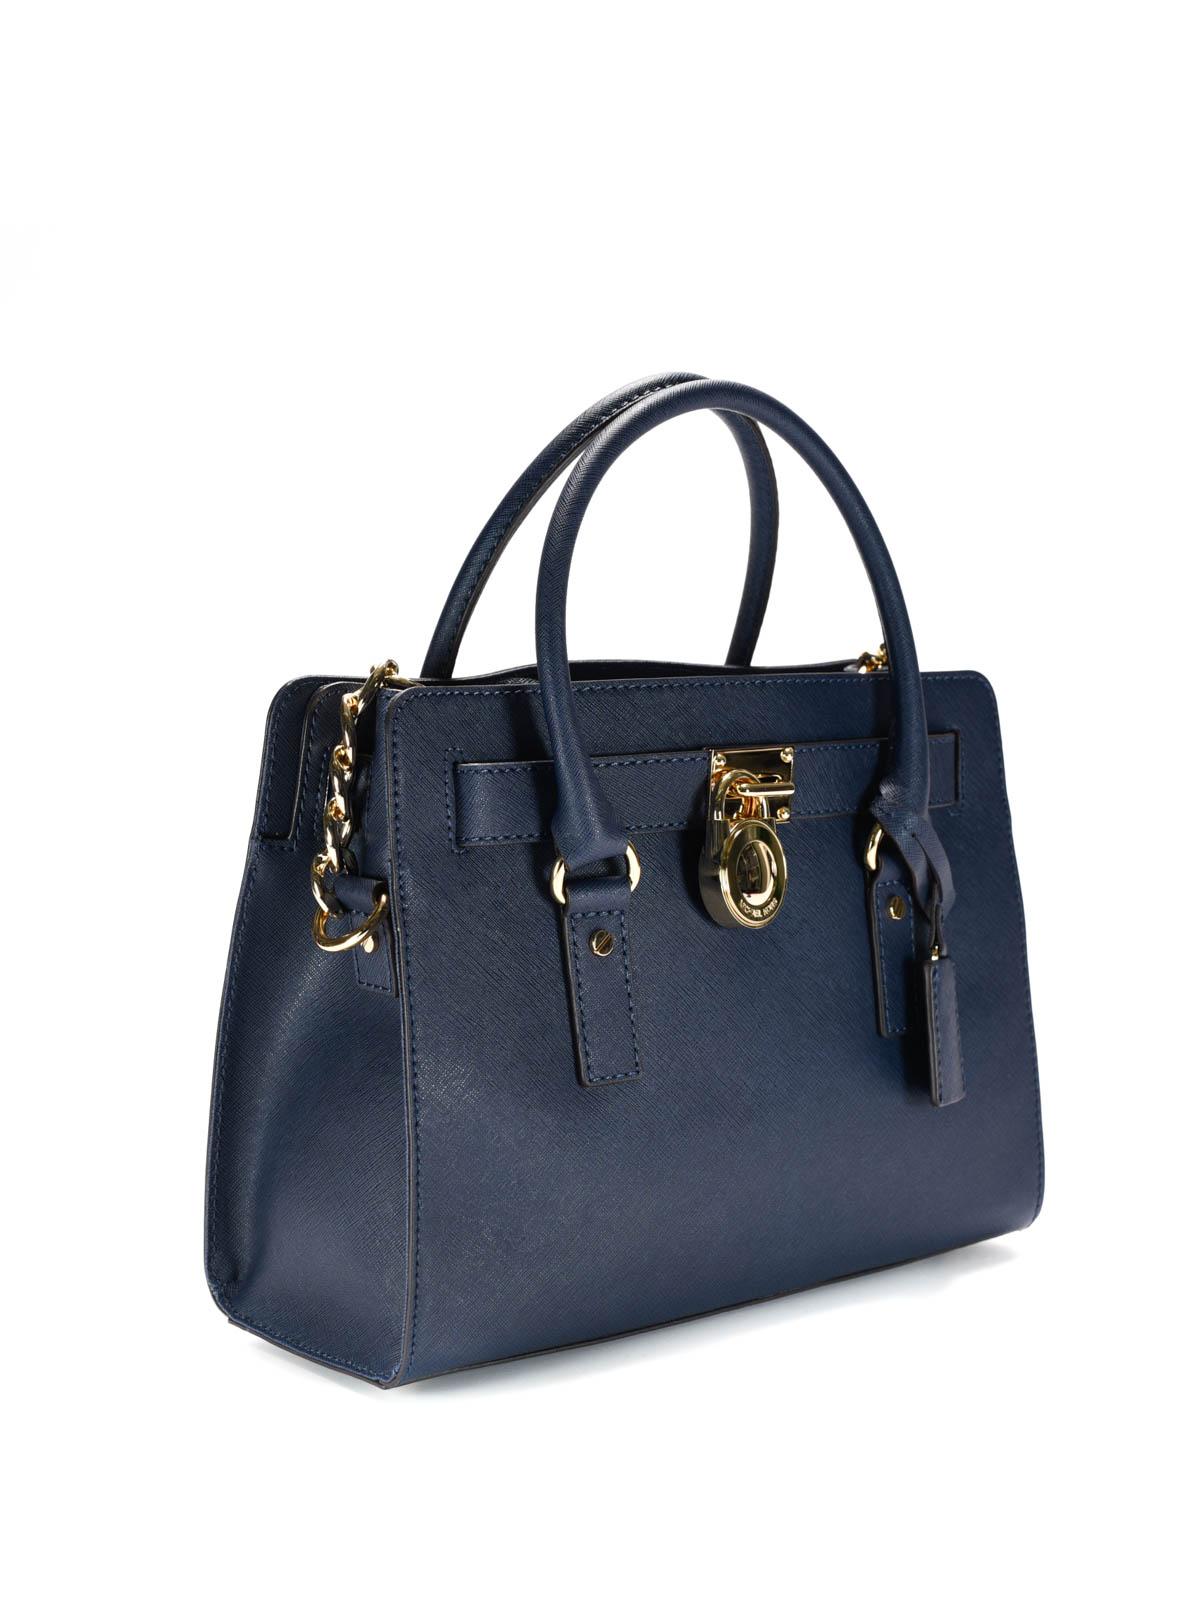 c1e08d1e3bd4 Michael Kors - Hamilton leather satchel - totes bags - 30S2GHMS3L